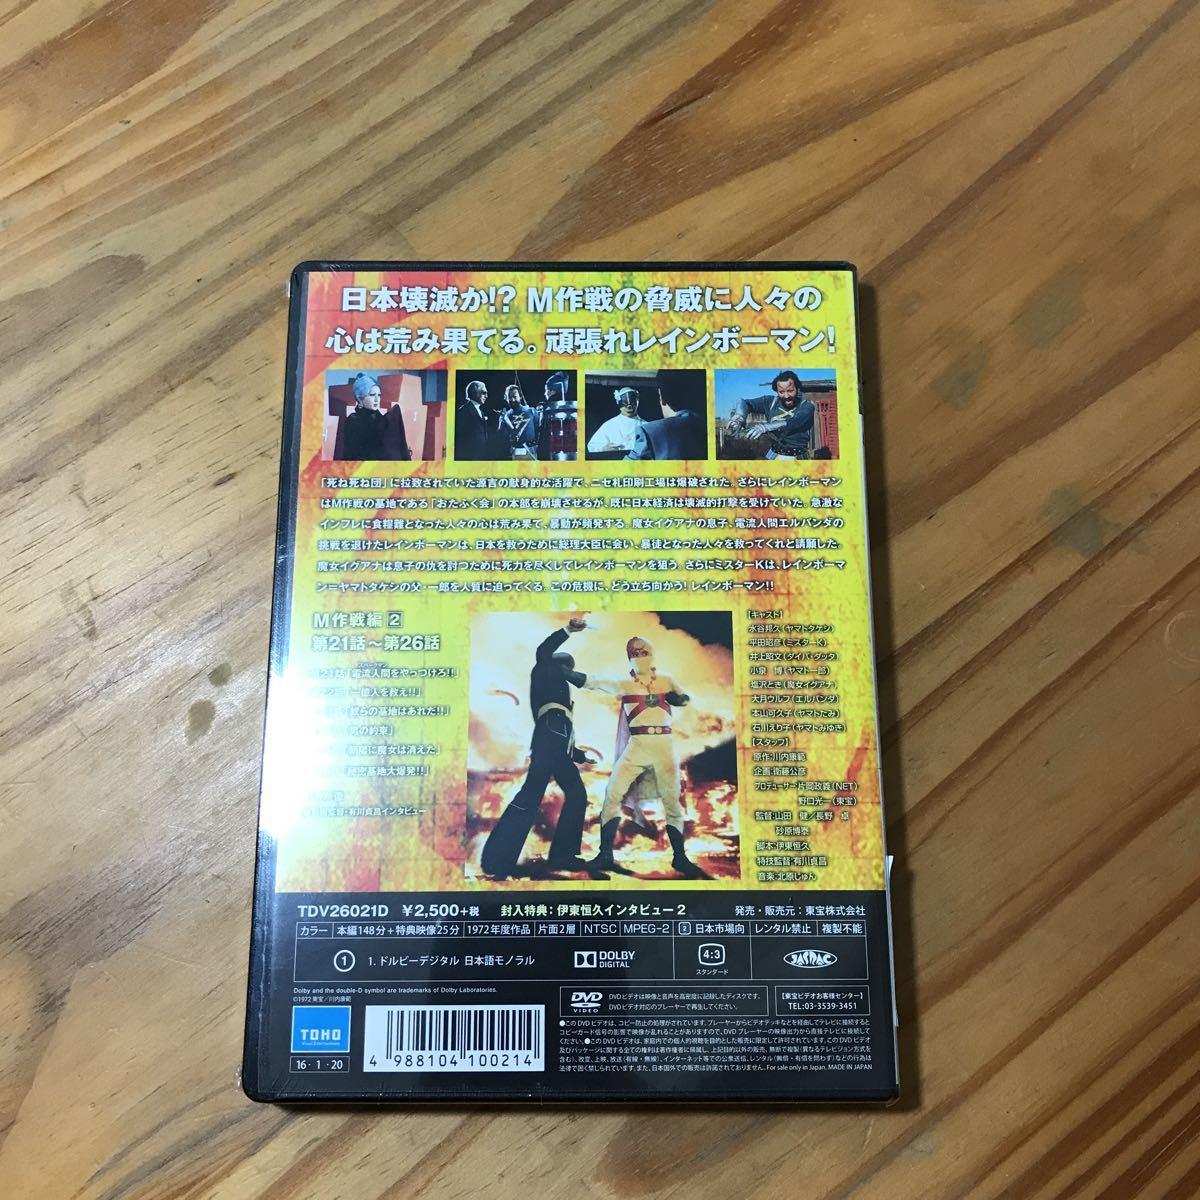 愛の戦士レインボーマンVOL.4 [DVD] 新品未開封_画像2